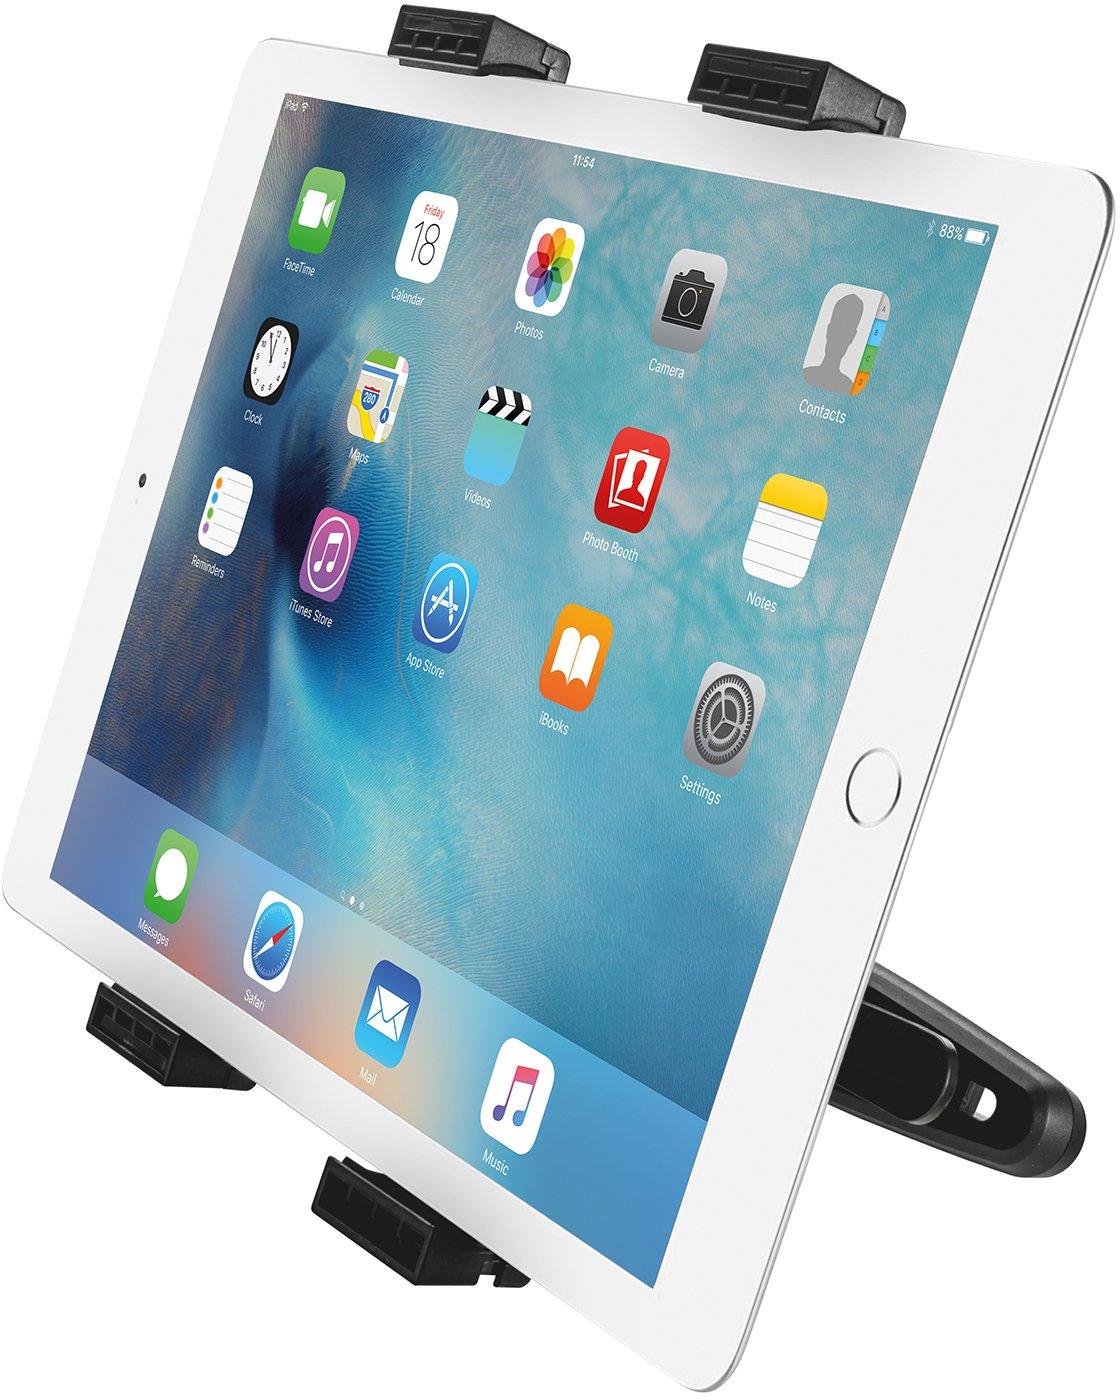 Trust 18639 - Soporte universal para tablet para el reposacabezas del coche: Amazon.es: Informática